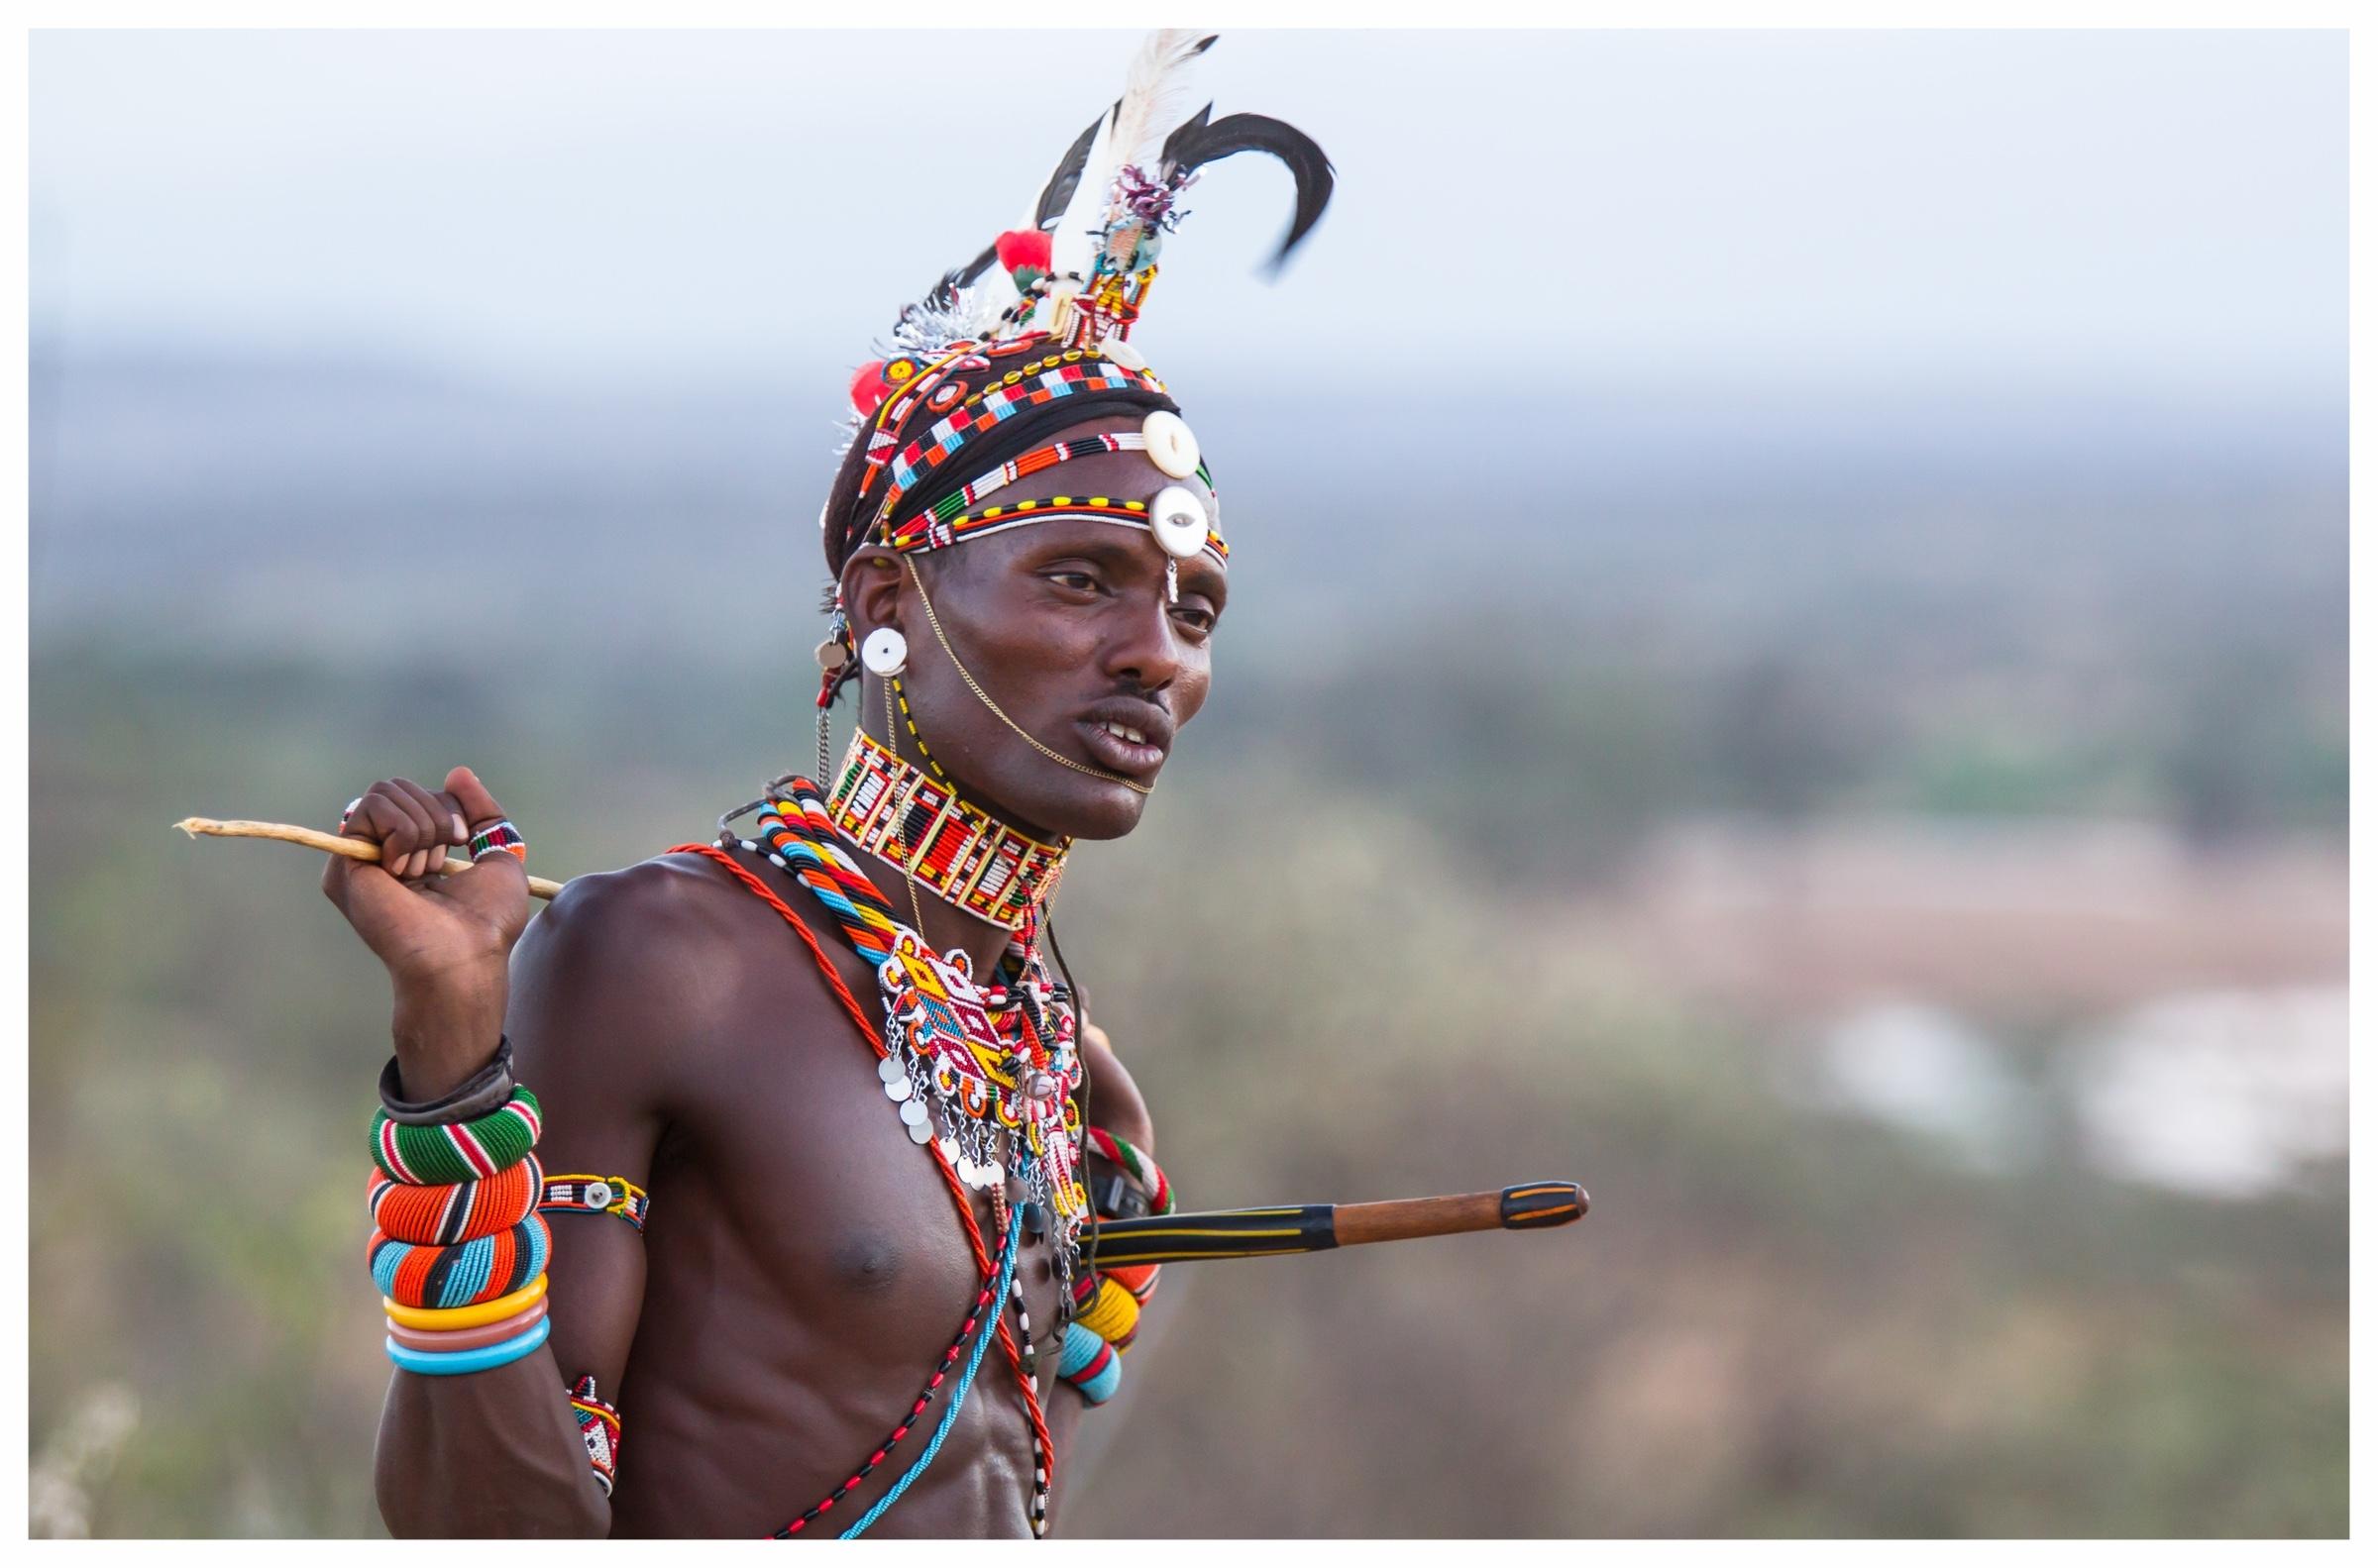 Kenia Das unbekannte Paradies - Kenia ist eines der vielfältigsten Länder Afrikas und bietet eine beeindruckende Vielzahl an Tierarten und atemberaumbender Landschaften. Seit Langem ist dieses Land bereits Ziel für Afrikareisende, doch wir zeigen Ihnen die Schönheit Kenias von einer ganz neuen Seite. Abseits der bekannten Tourismusrouten warten authentische Safari-Erlebnisse mit unvergesslichen Erlebnissen auf Sie. Die Einzigartigkeit Kenias zeigt sich in den Landschaften, der Tierwelt und den Begegnungen mit den Einwohnern. Auf unseren Reisen in dieses aufregende Land verbinden wir spannende Entdeckungstouren und Erholung - an einem der Strände oder in den ausgesprochen komfortablen Lodges - und lassen Ihre Zeit vor Ort zu einem ganz besonderen Erlebnis werden.